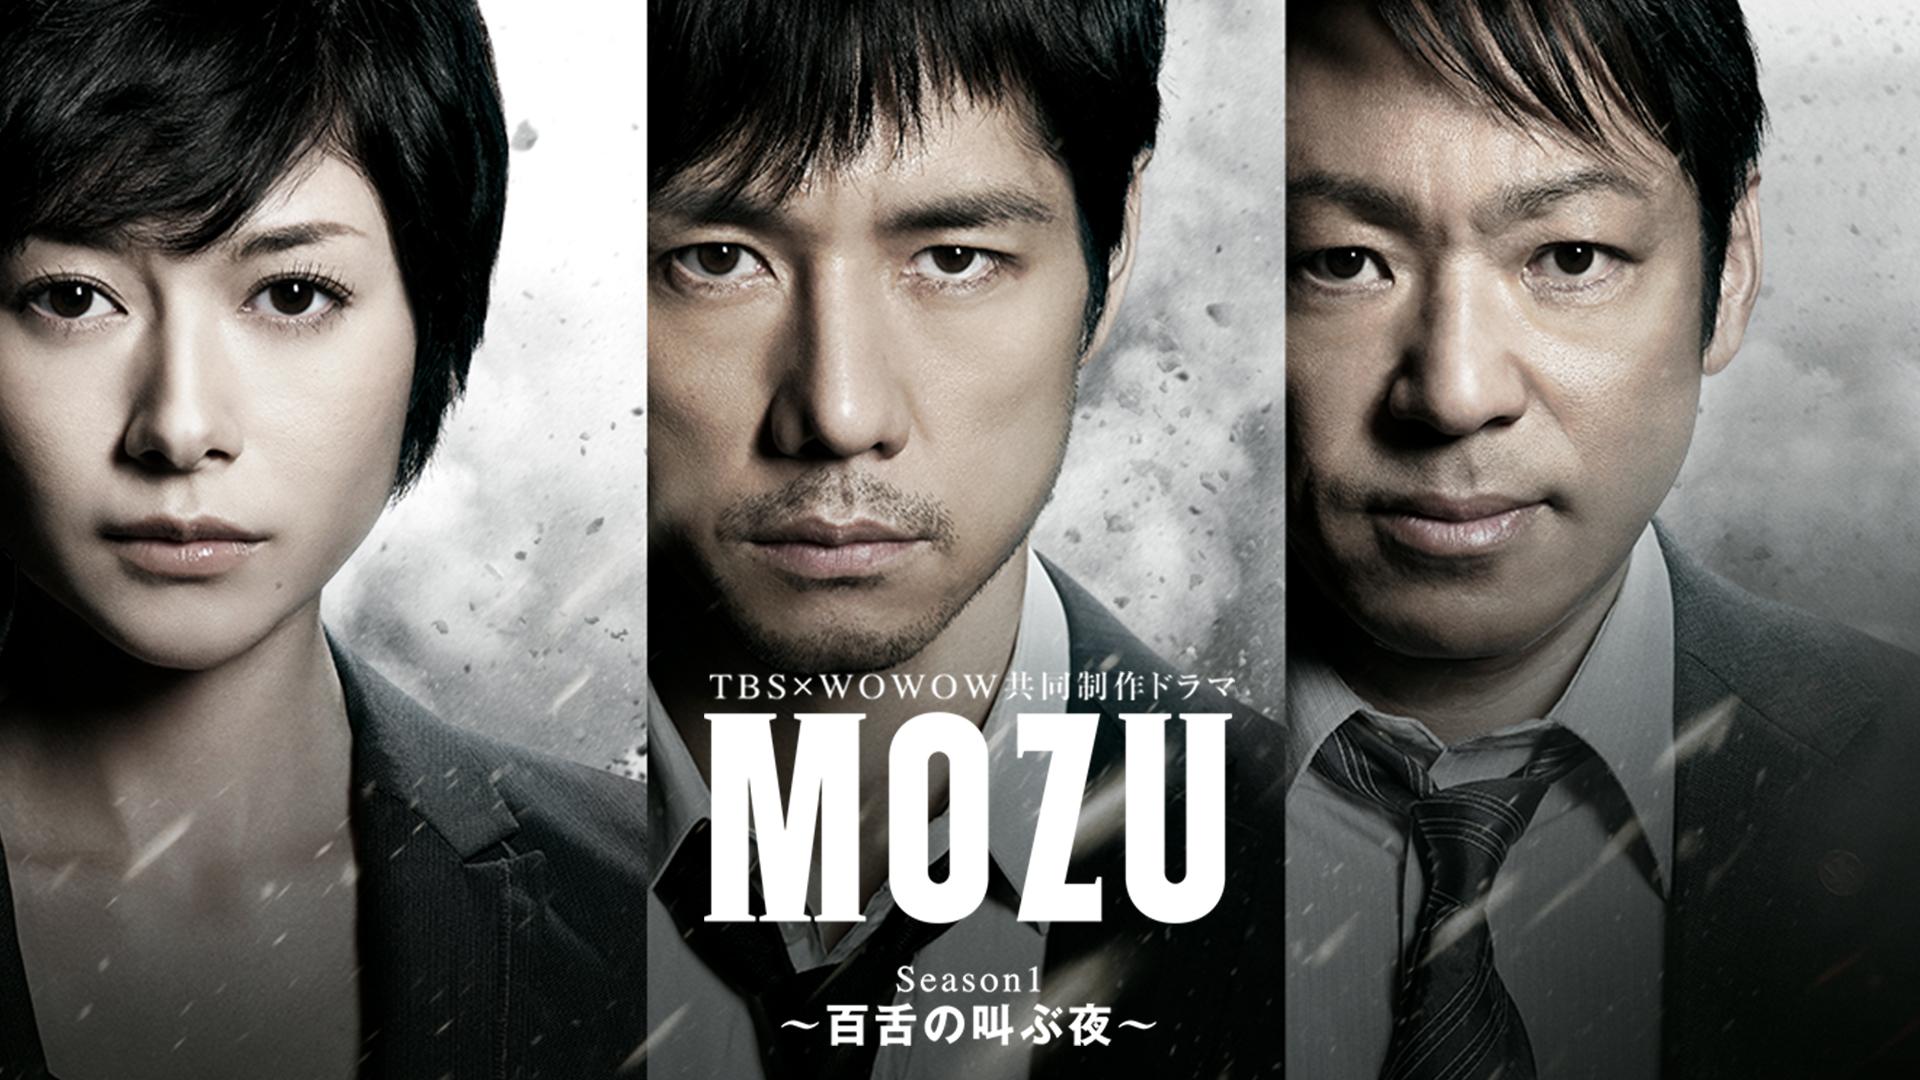 ドラマ『MOZU』無料動画!見逃し配信でフル視聴!第1話から全話・再放送情報